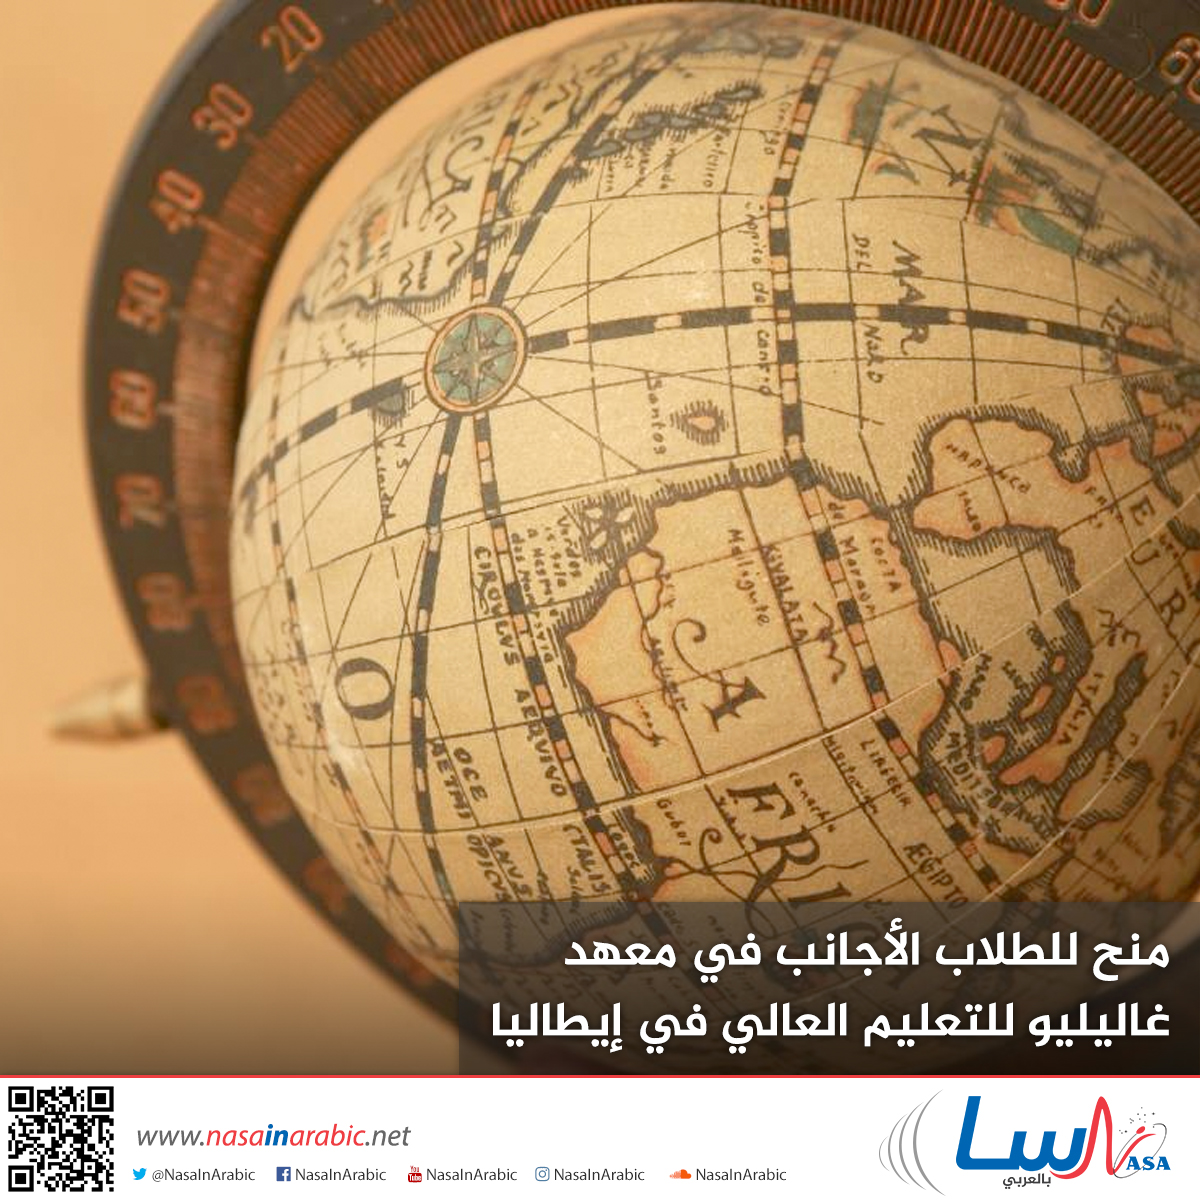 منح للطلاب الأجانب في معهد غاليليو للتعليم العالي في إيطاليا